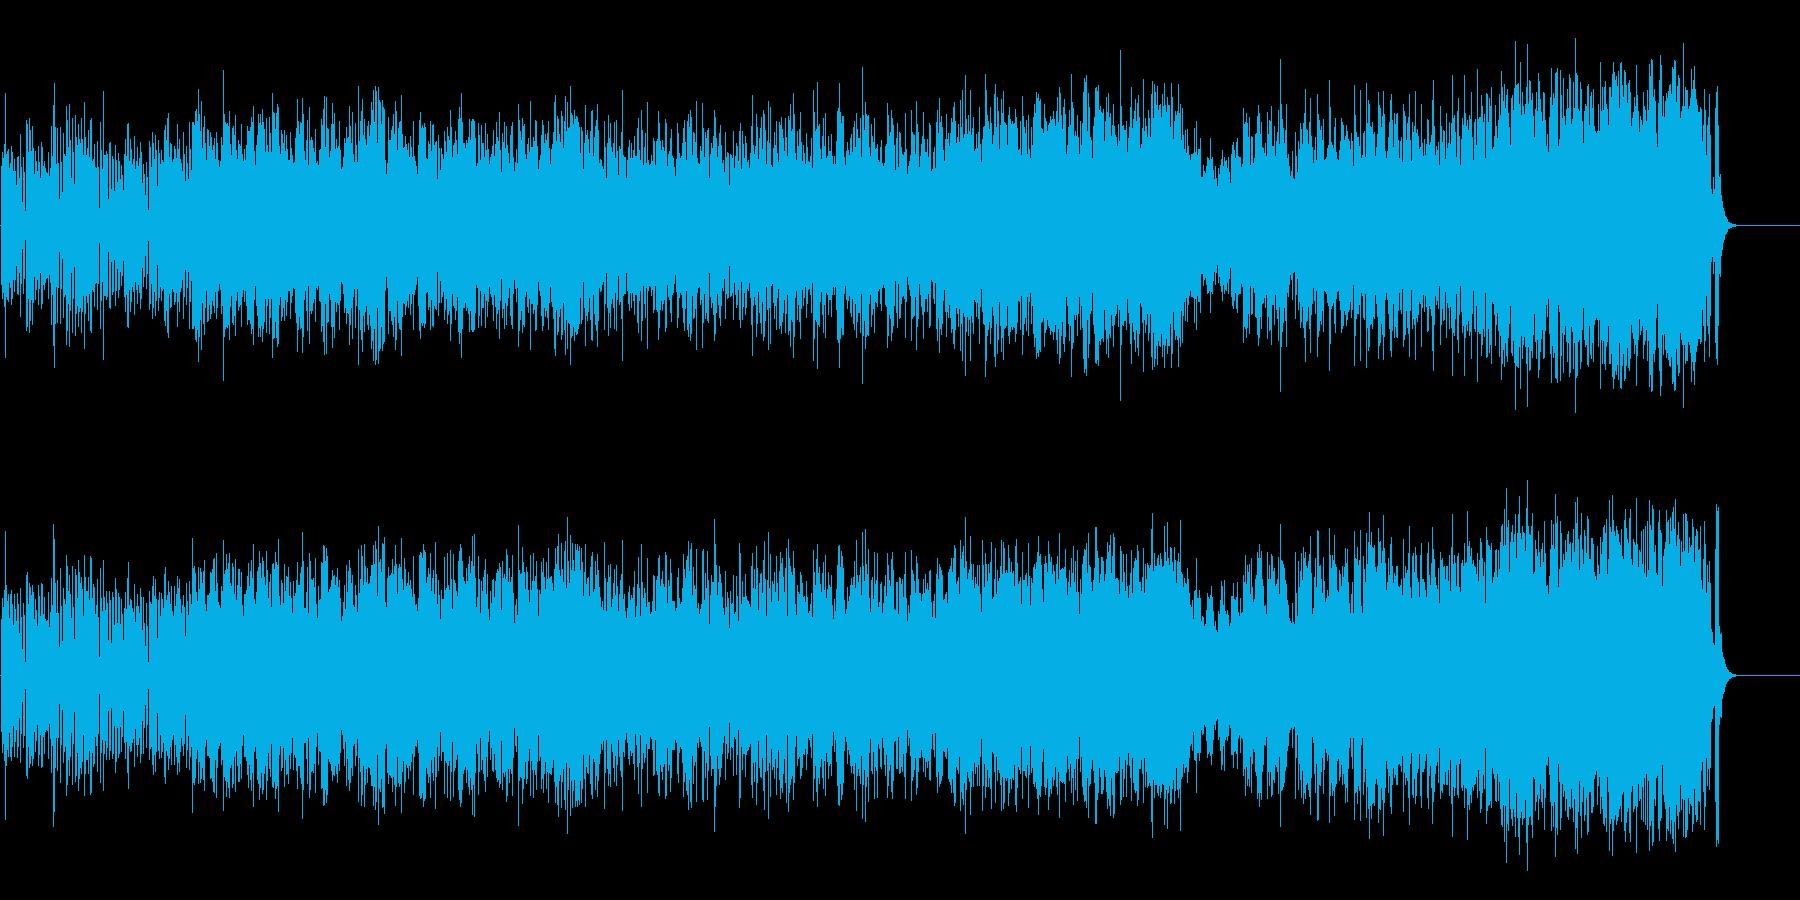 軽いノリのふくよかなポップ・アンサンブルの再生済みの波形